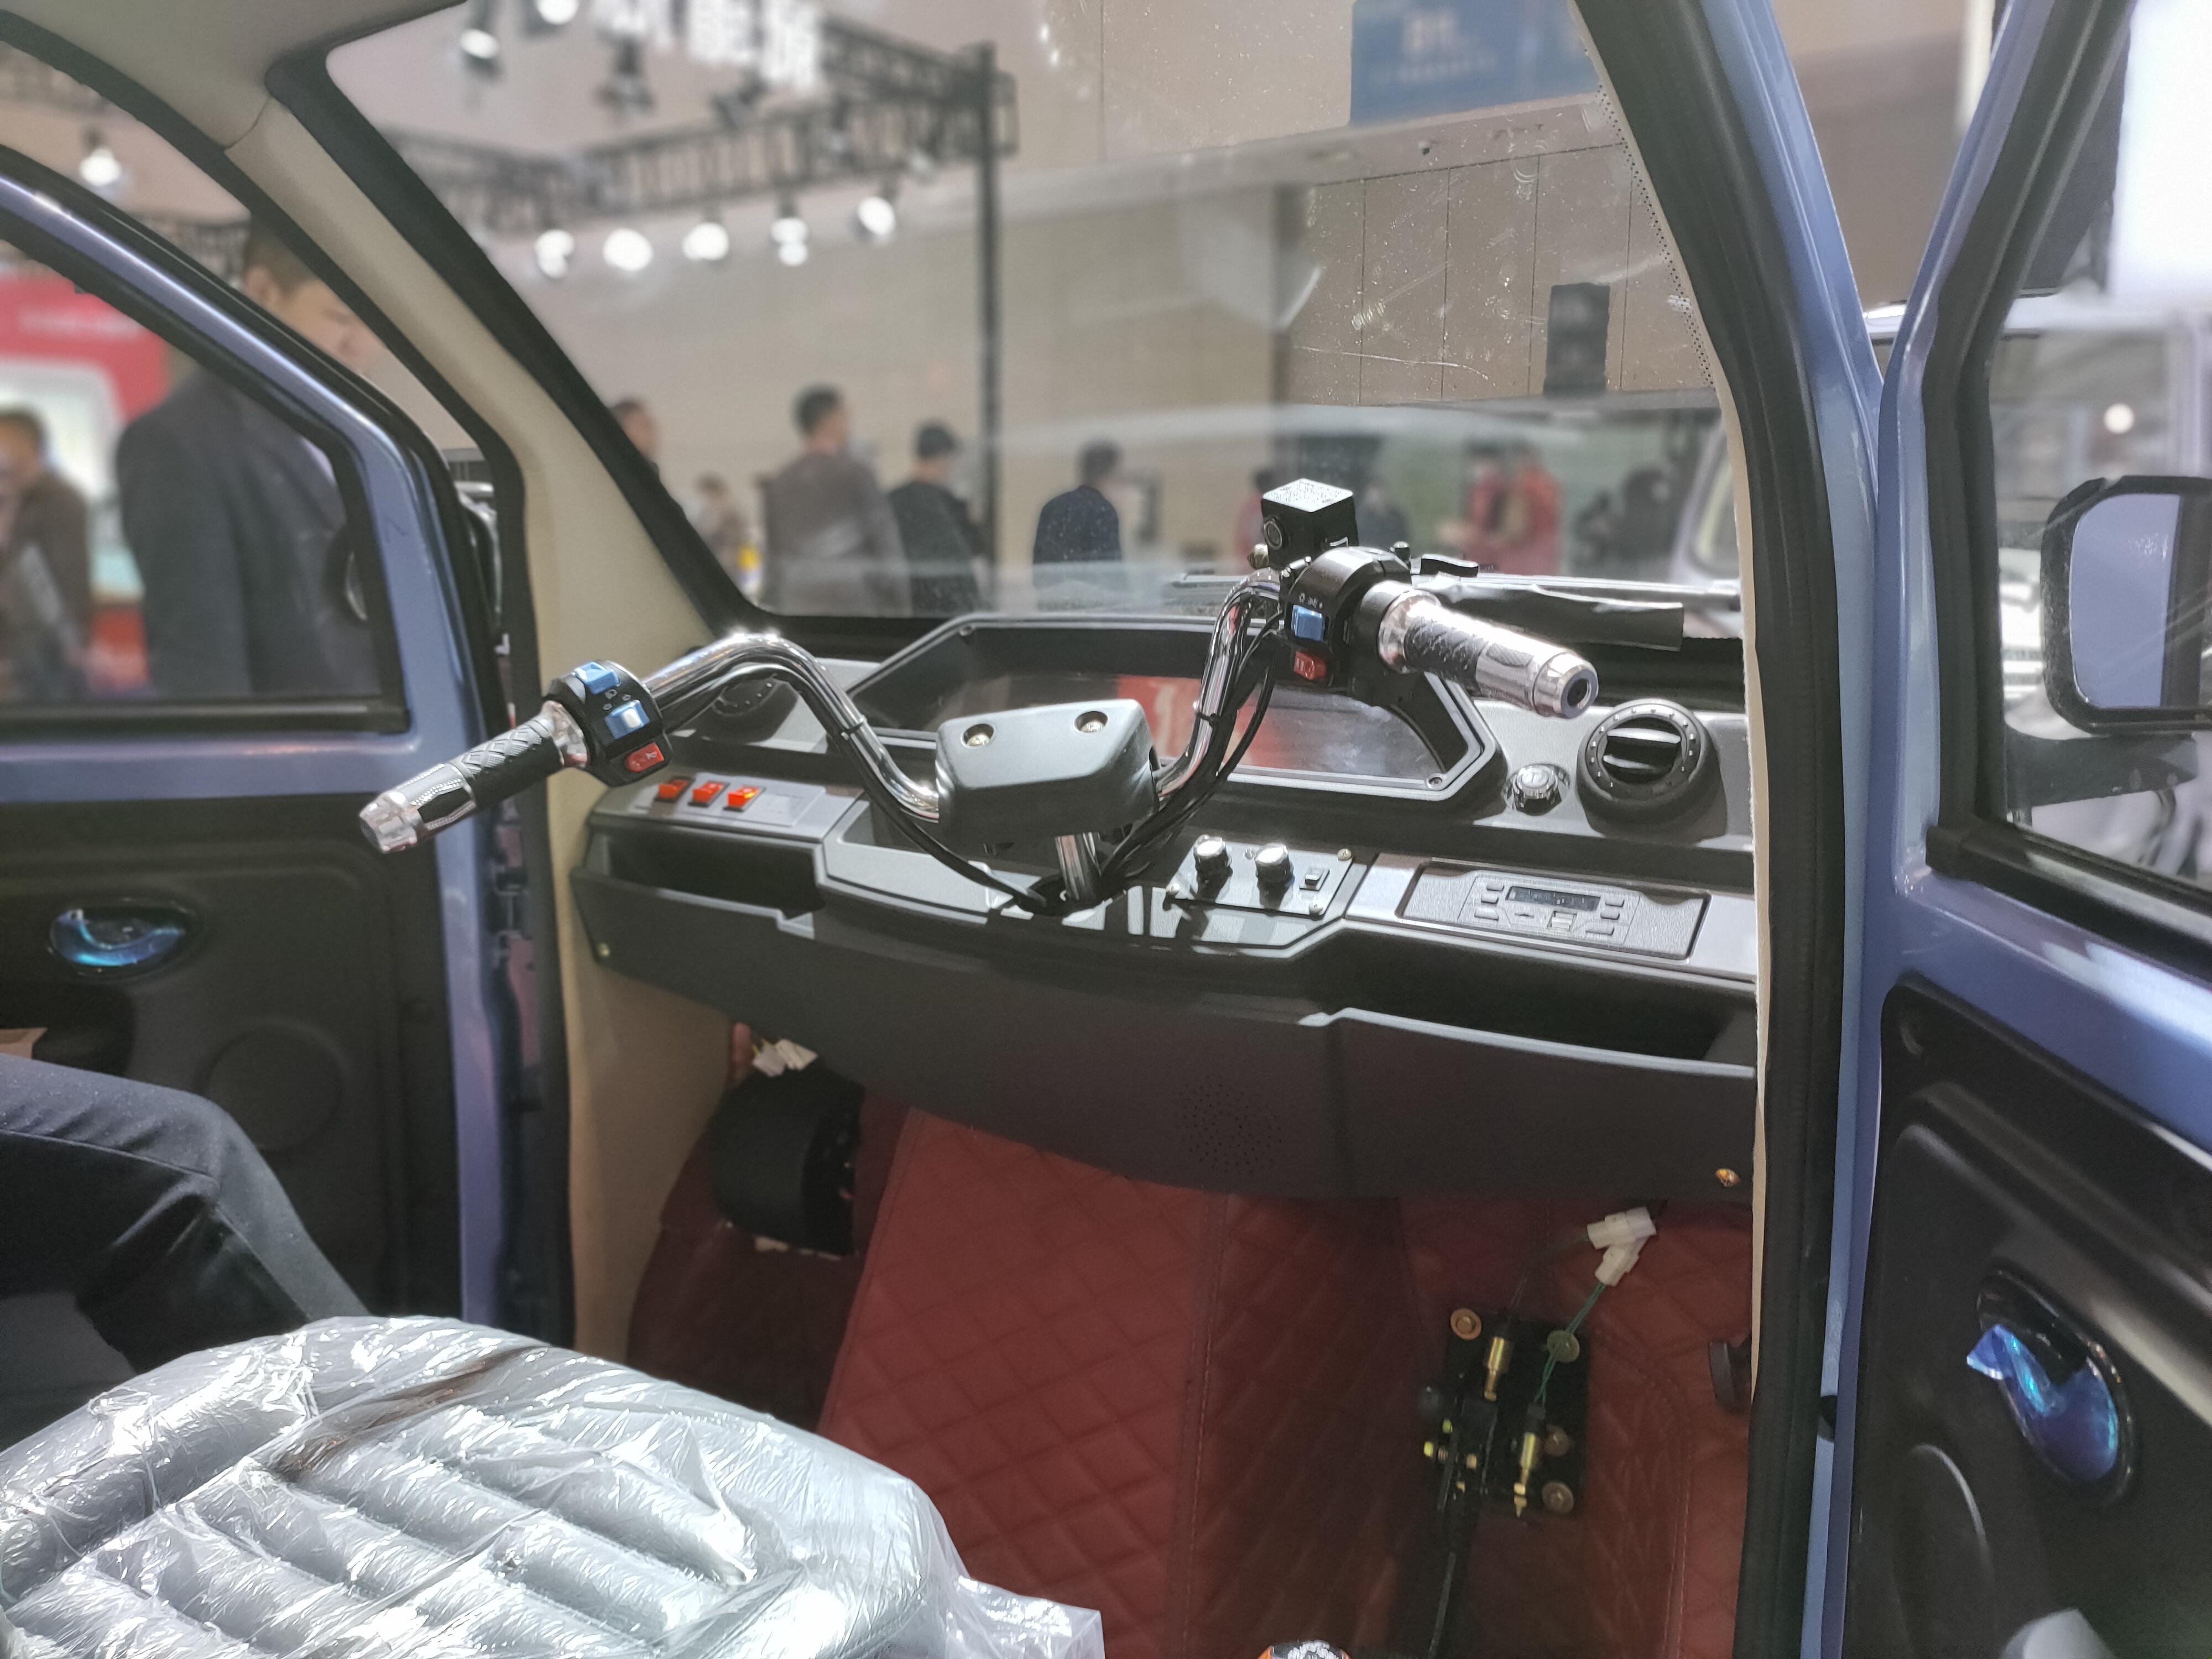 宗申发布电动三轮皮卡,72V锂电池,能跑120公里,还带空调